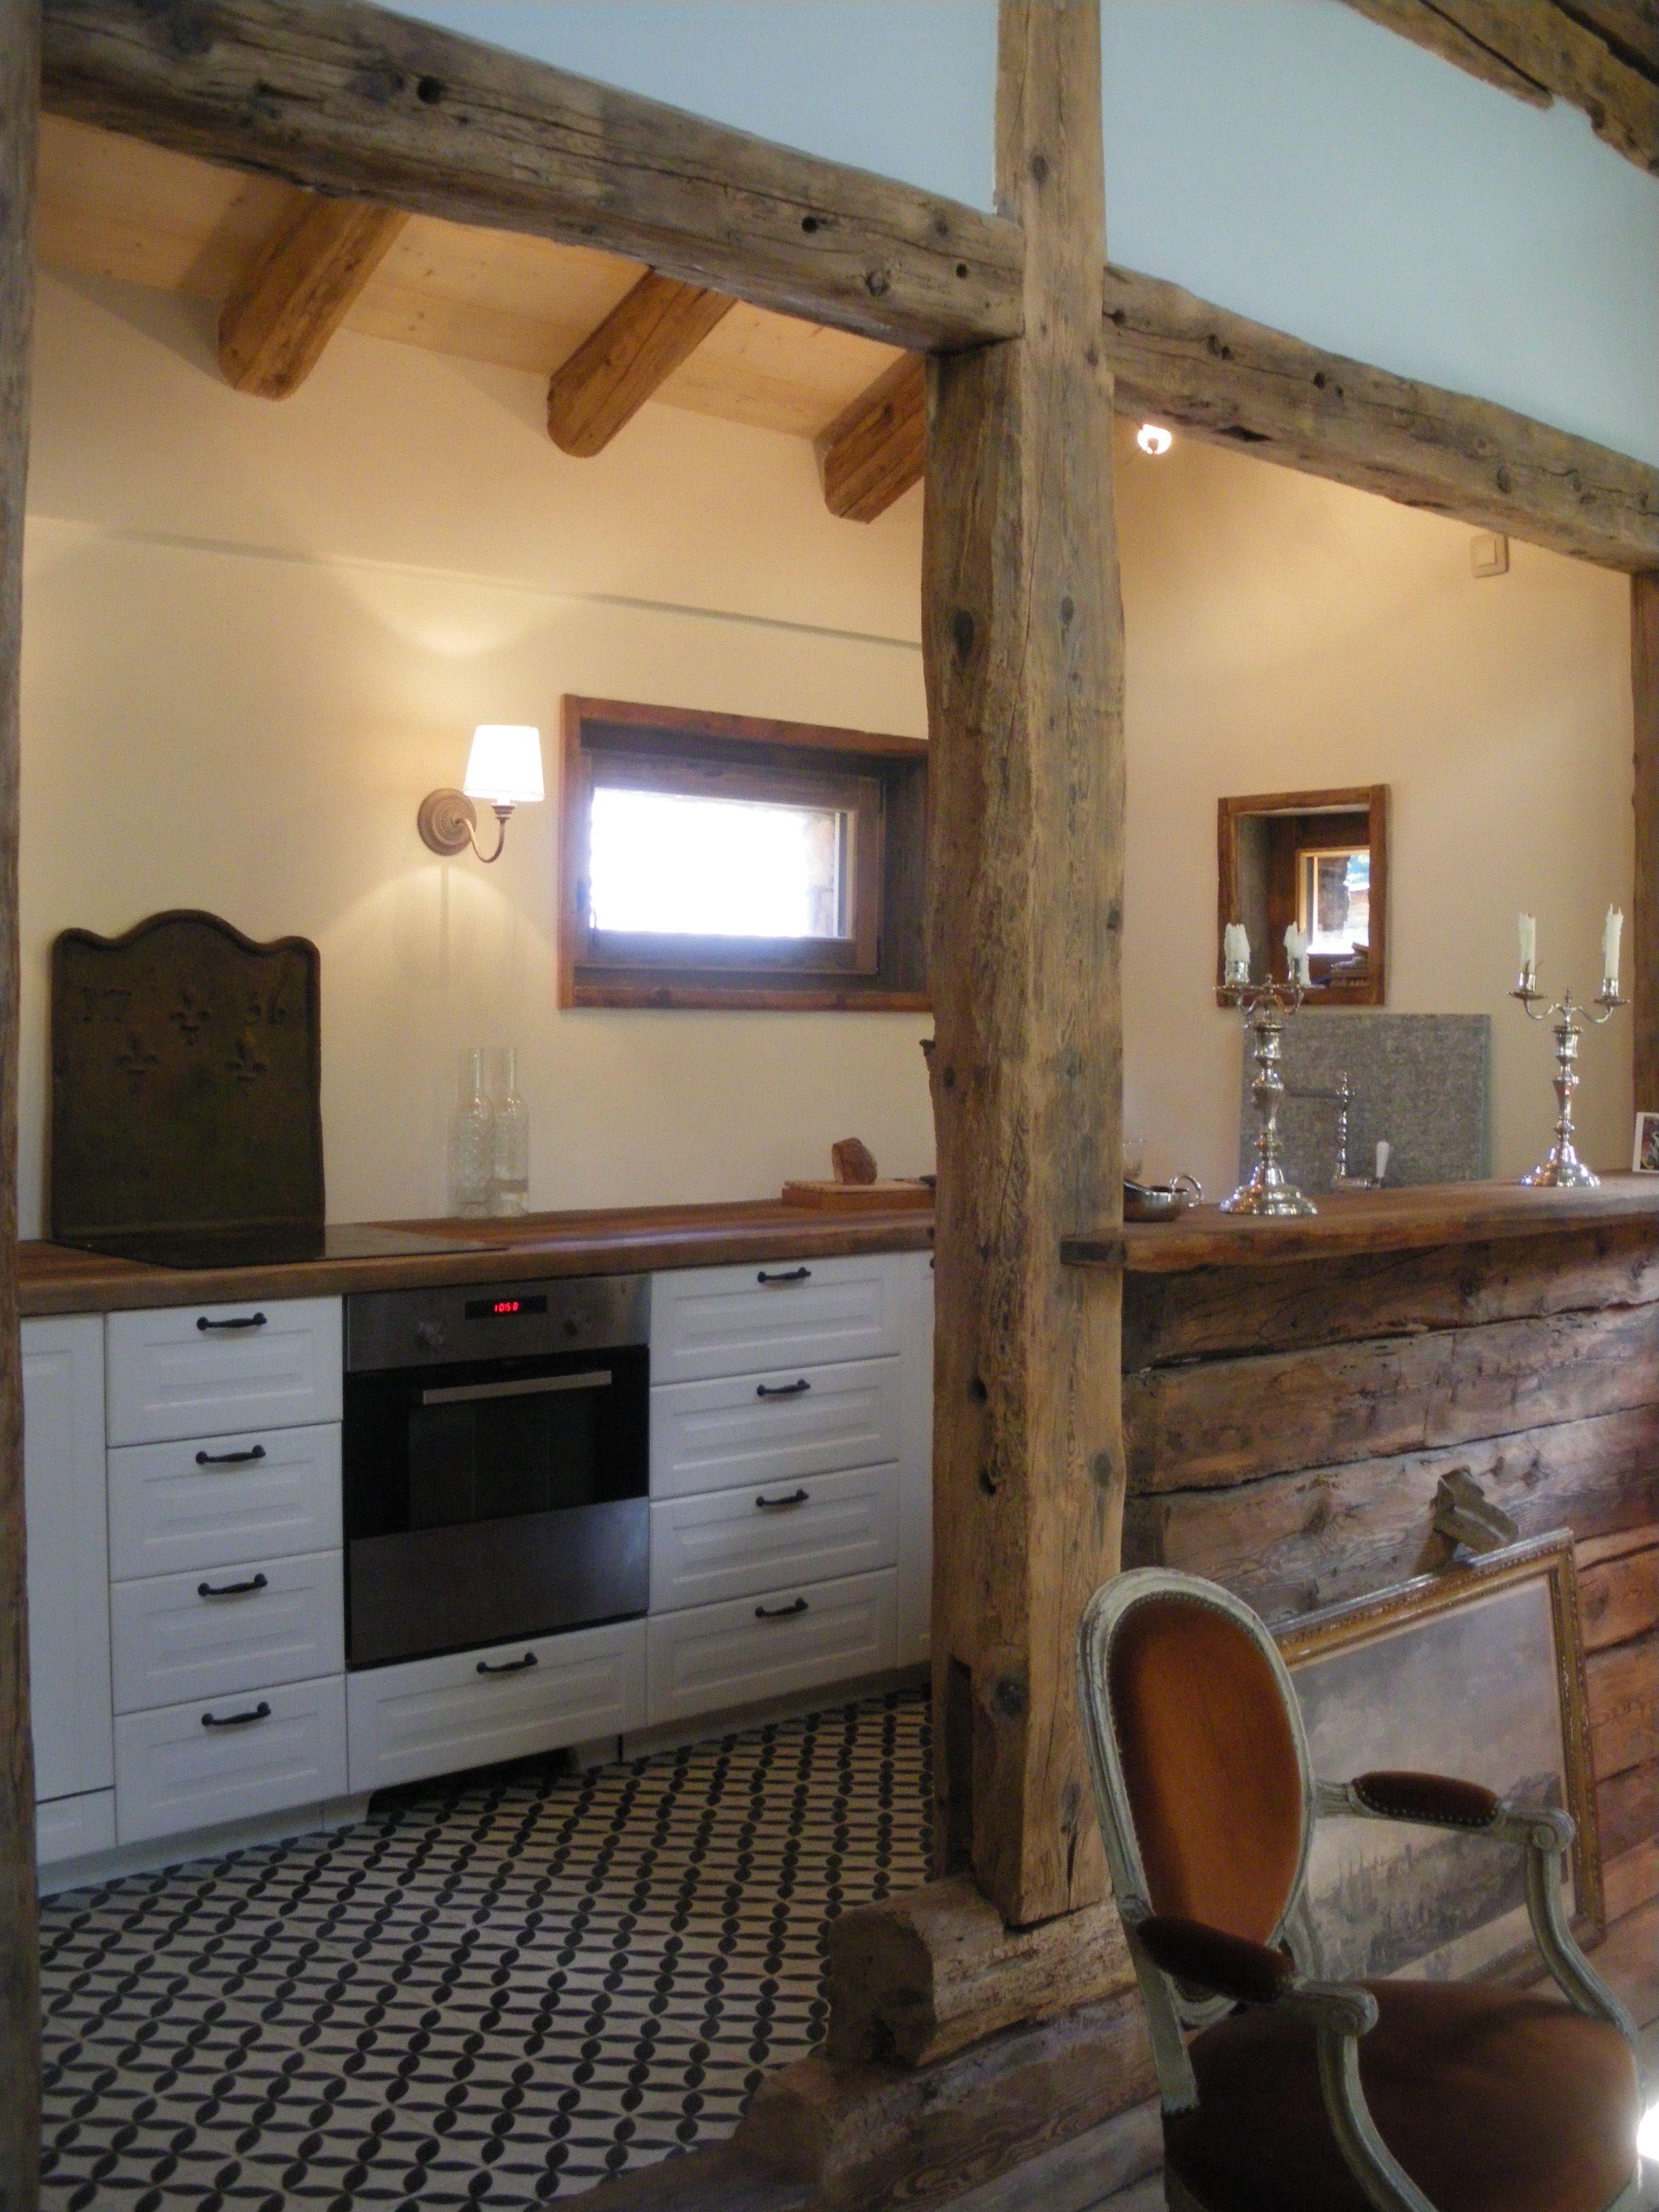 Asombroso Muebles De Cocina Nj 22 Rt Ornamento - Como Decorar la ...